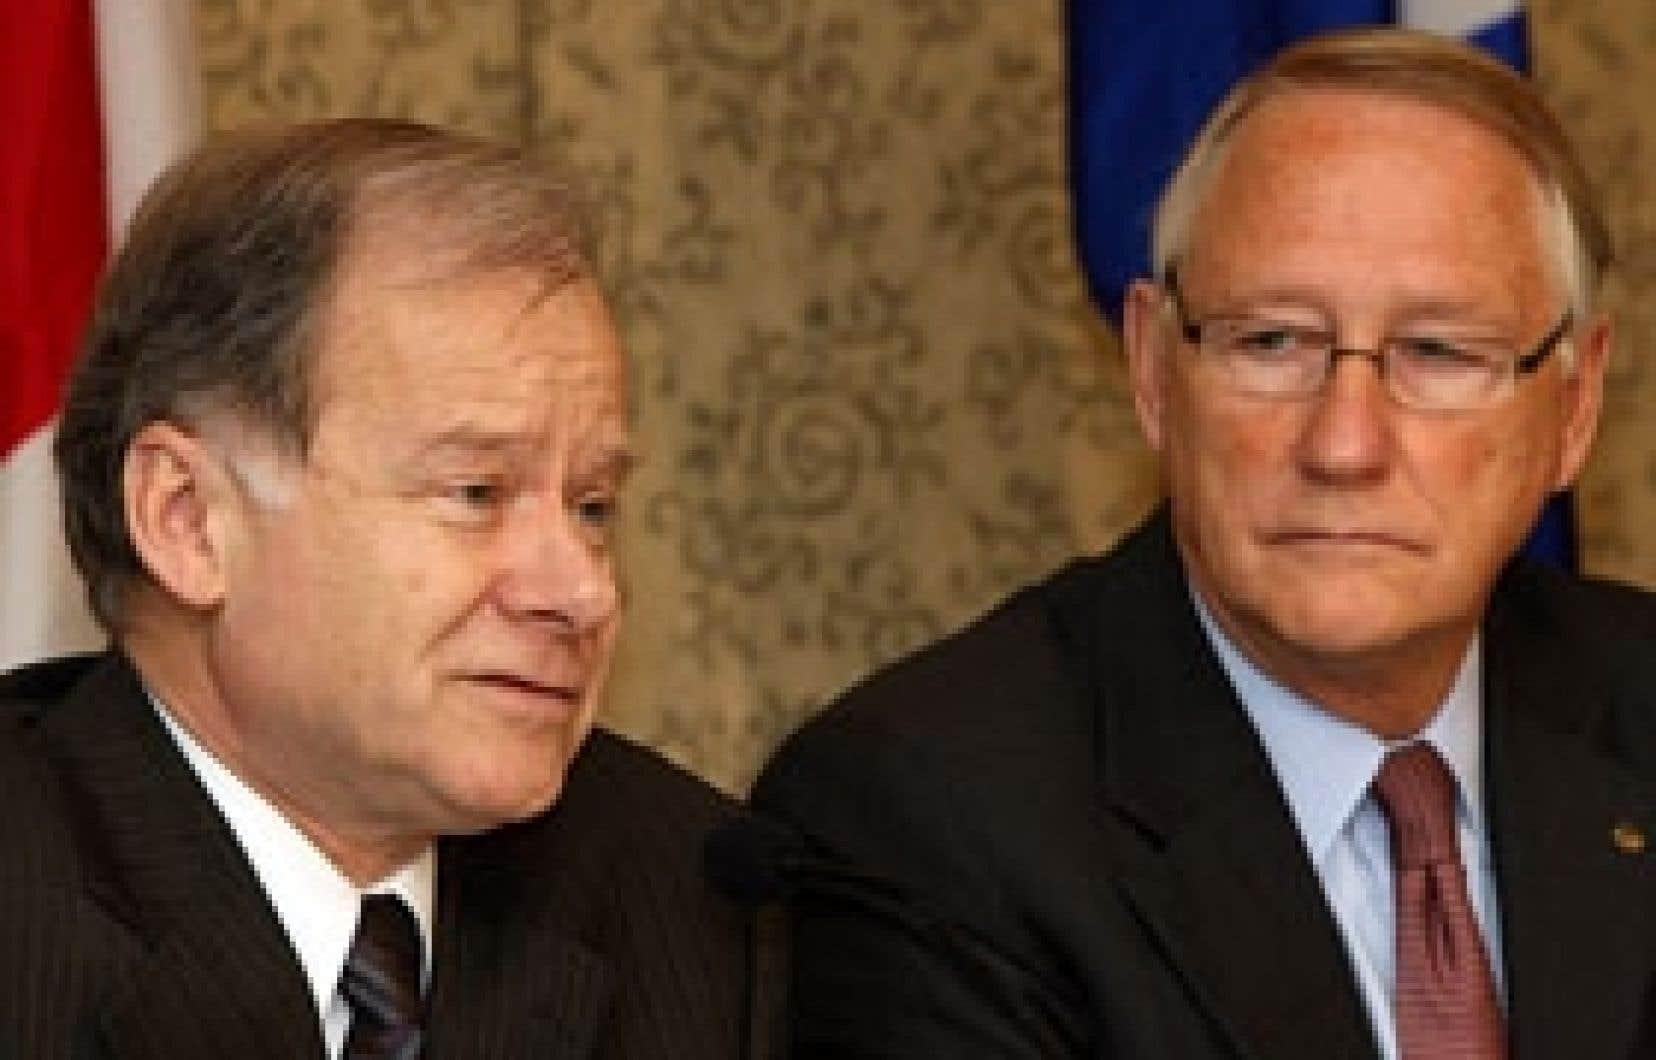 Le ministre du Développement économique, Raymond Bachand, et le maire de Montréal, Gérald Tremblay, ont annoncé en conférence de presse, hier, à Montréal, que le Grand Prix du Canada n'aurait pas lieu en 2009.